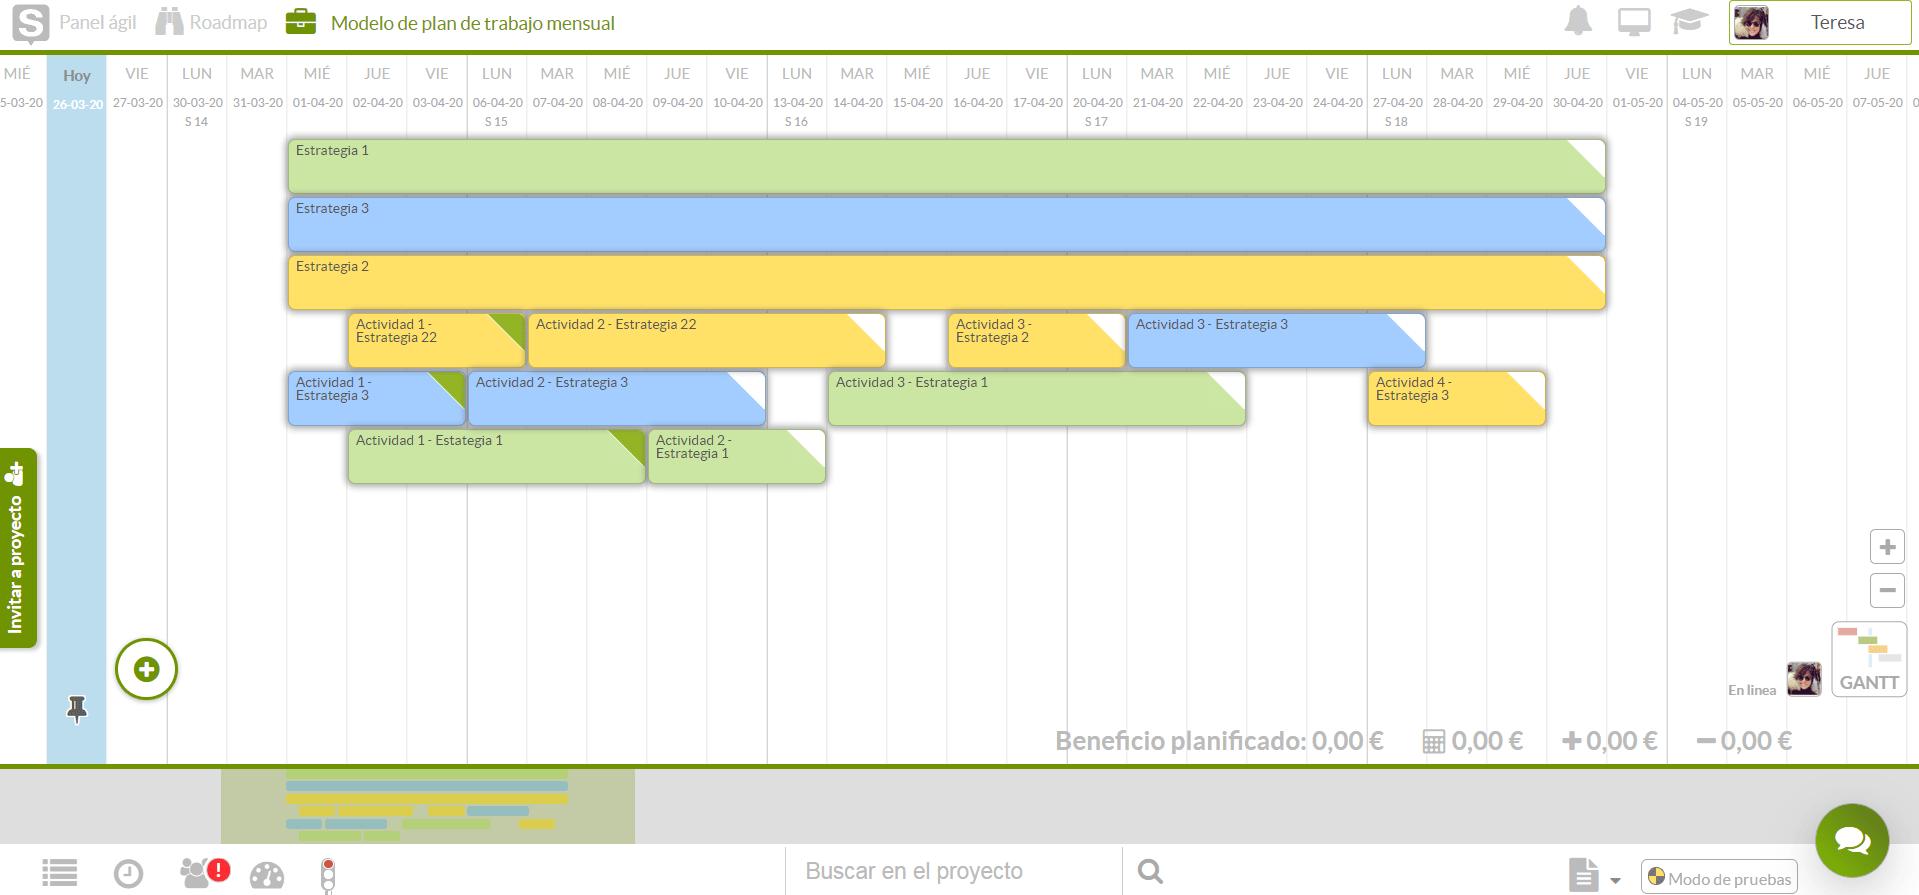 modelo de plan de trabajo mensual